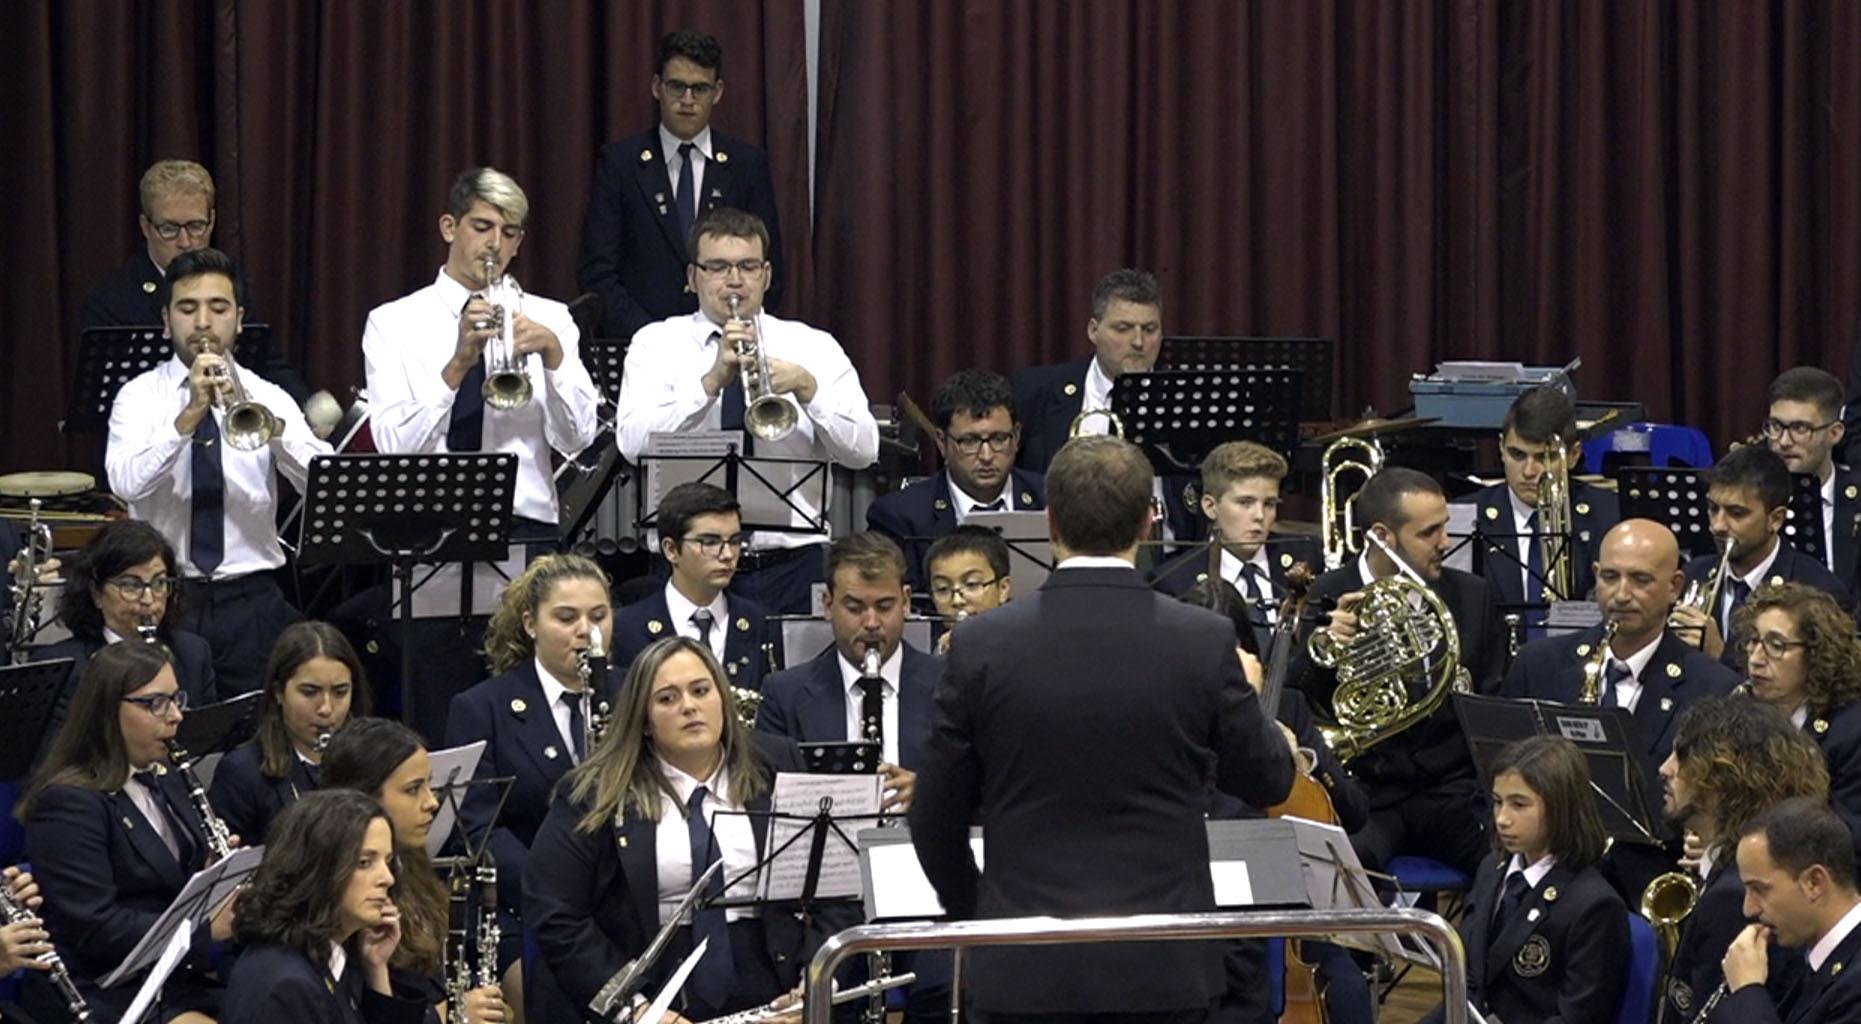 L'Agrupació Musical Vila de Càlig oferirà demà dissabte el 4rt Concert del Soci al Centre de Cultura